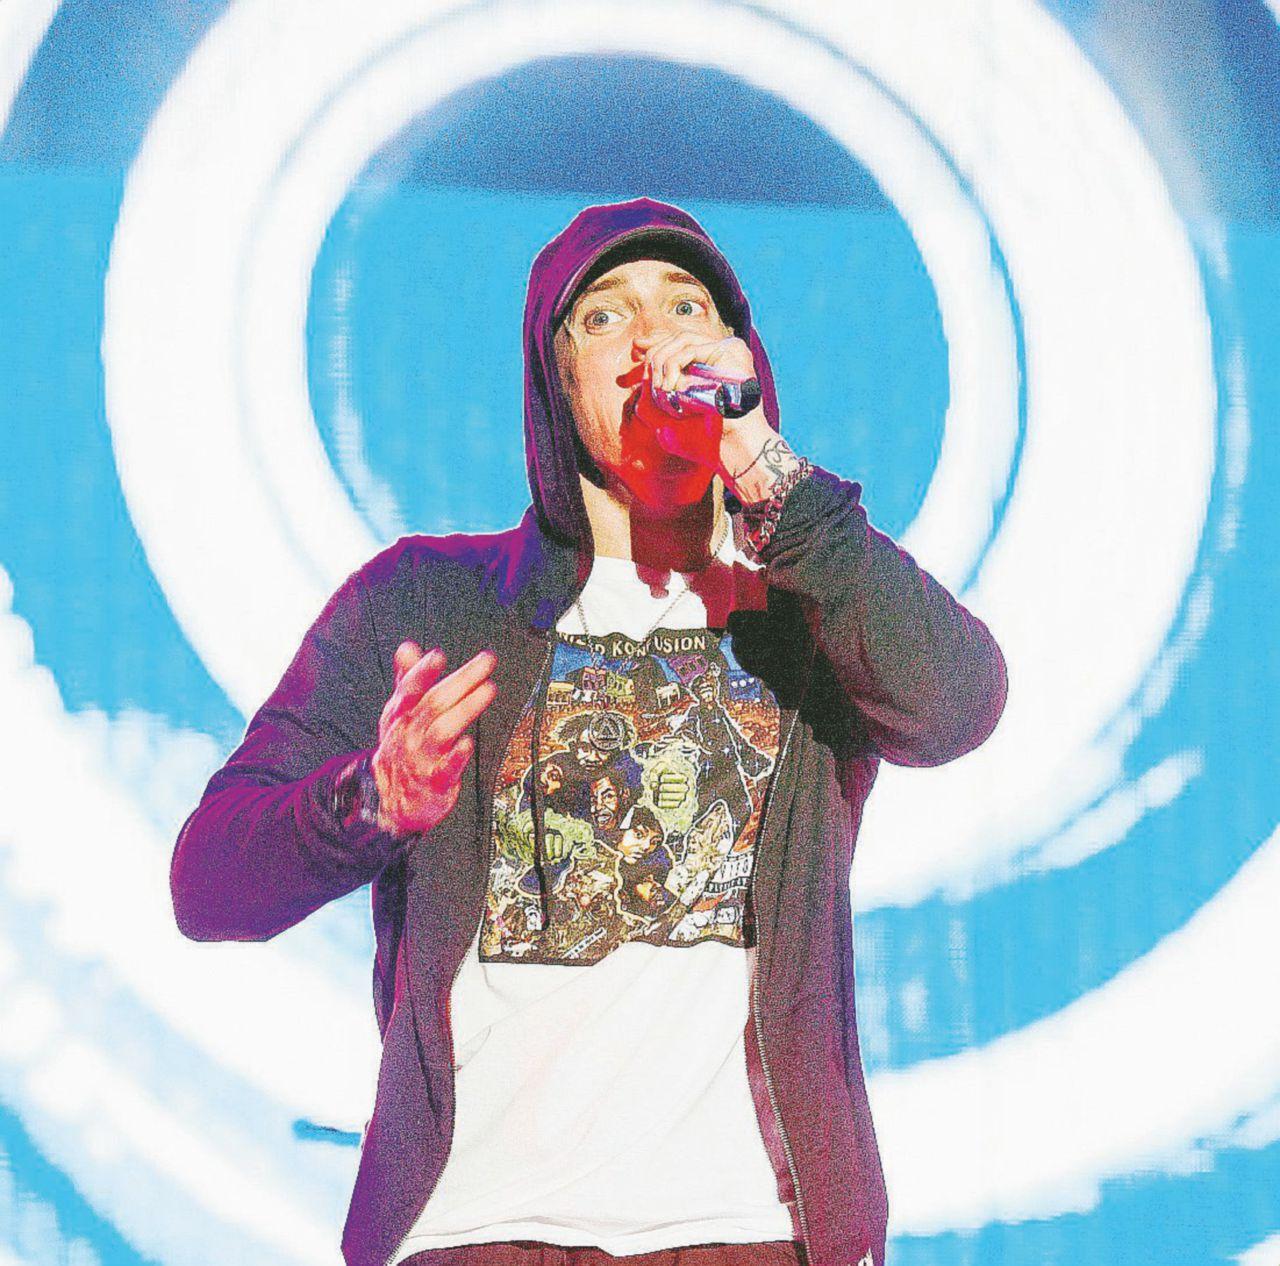 Persino Eminem ha bisogno di Ed Sheeran